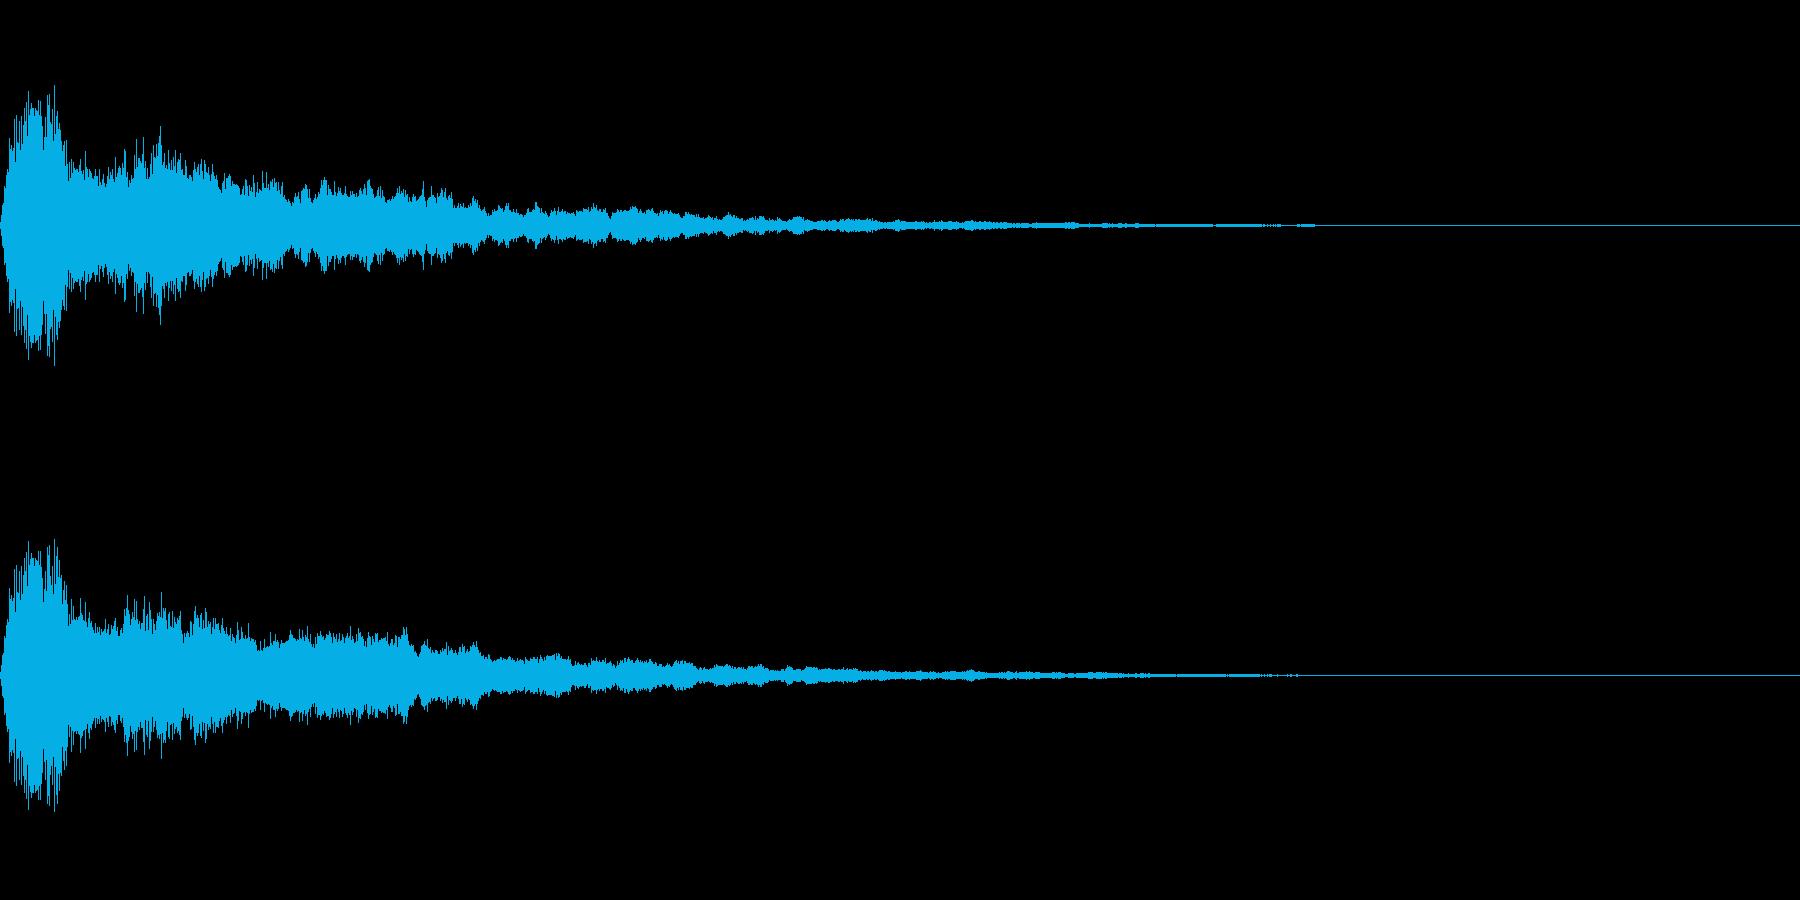 鈴をイメージしたアラーム音(エコー付き)の再生済みの波形